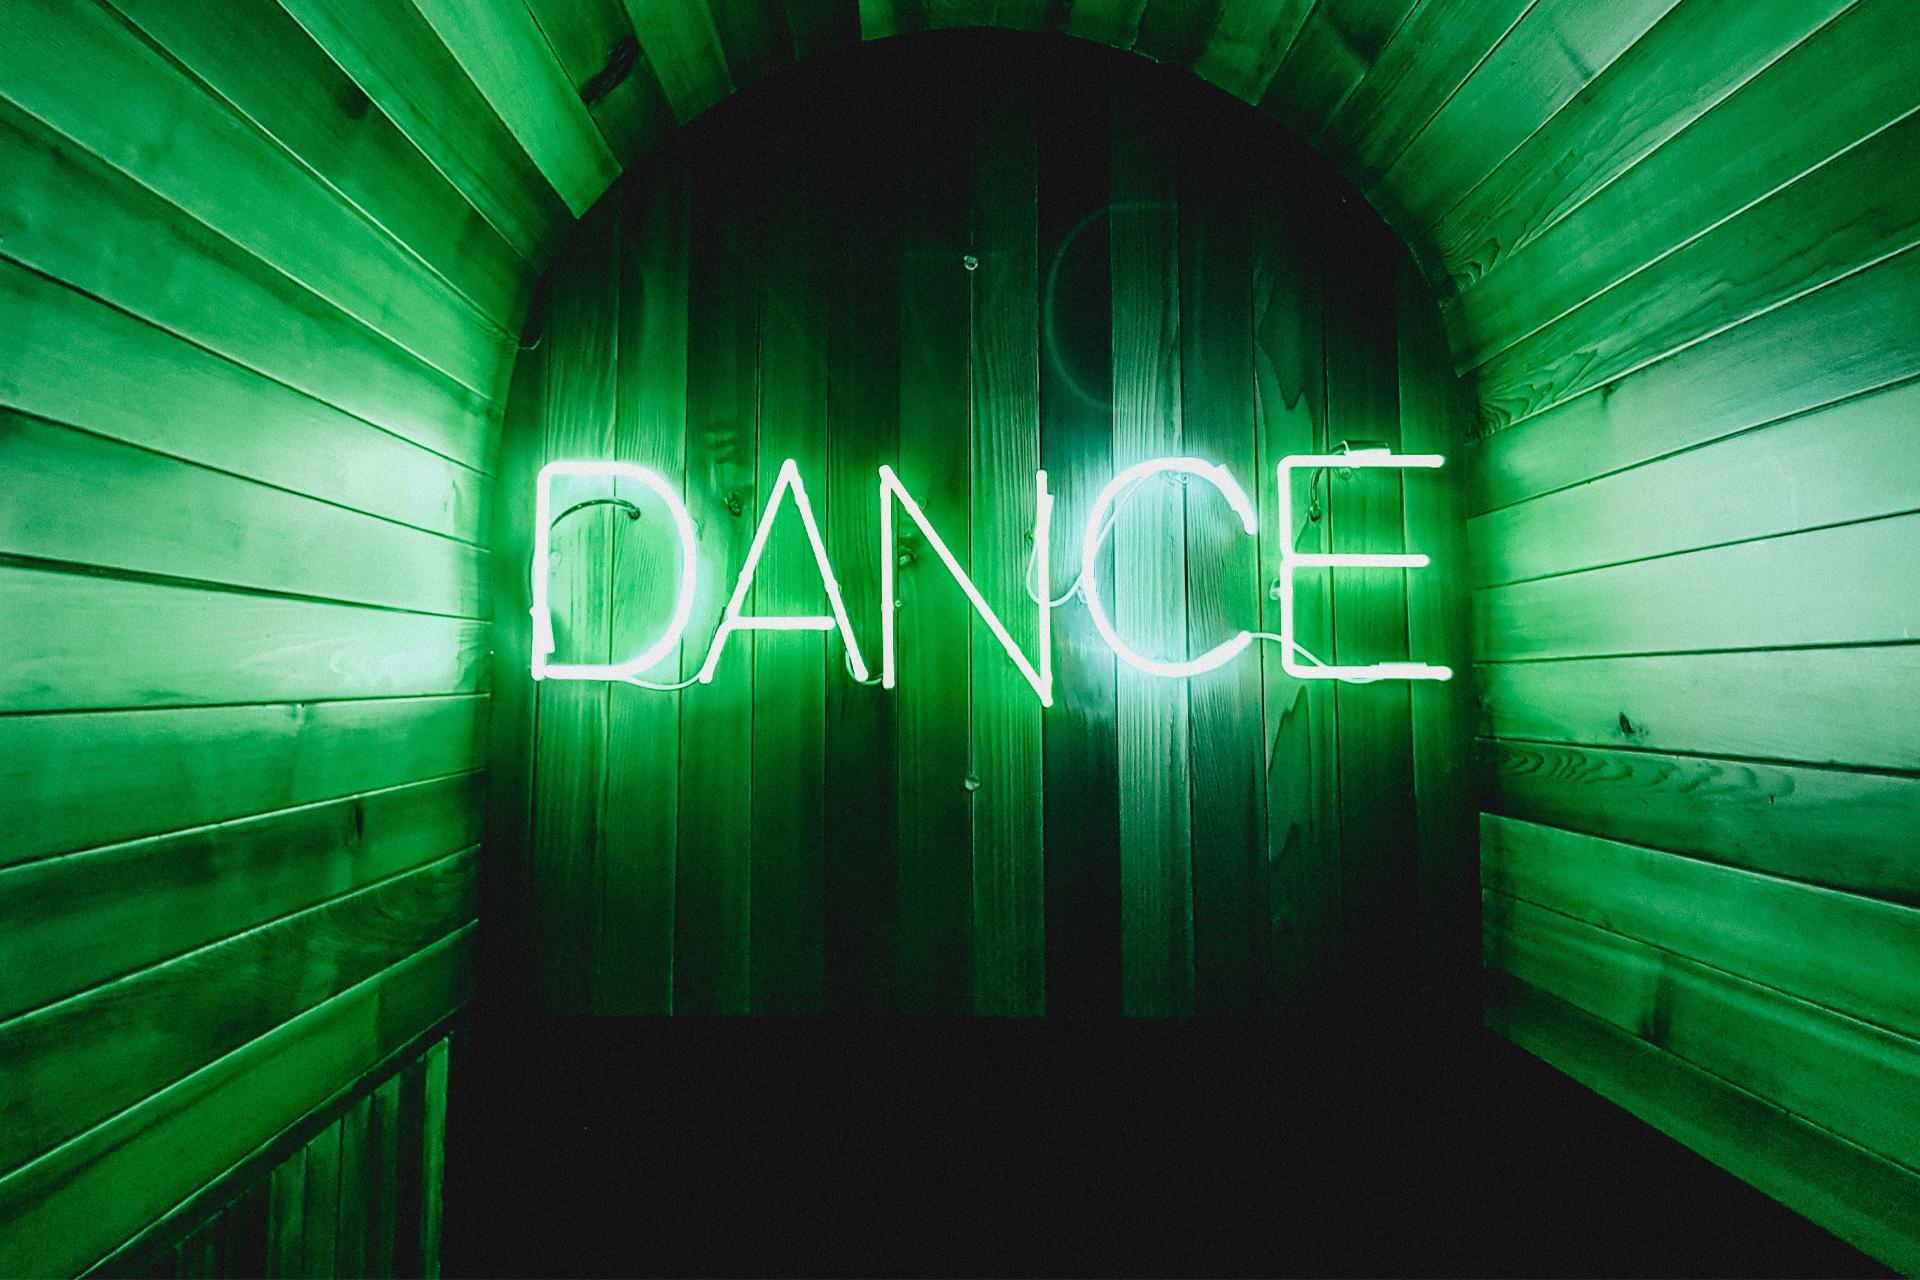 """das Wort """"DANCE"""" als leuchtender Neonschriftzug in grün"""